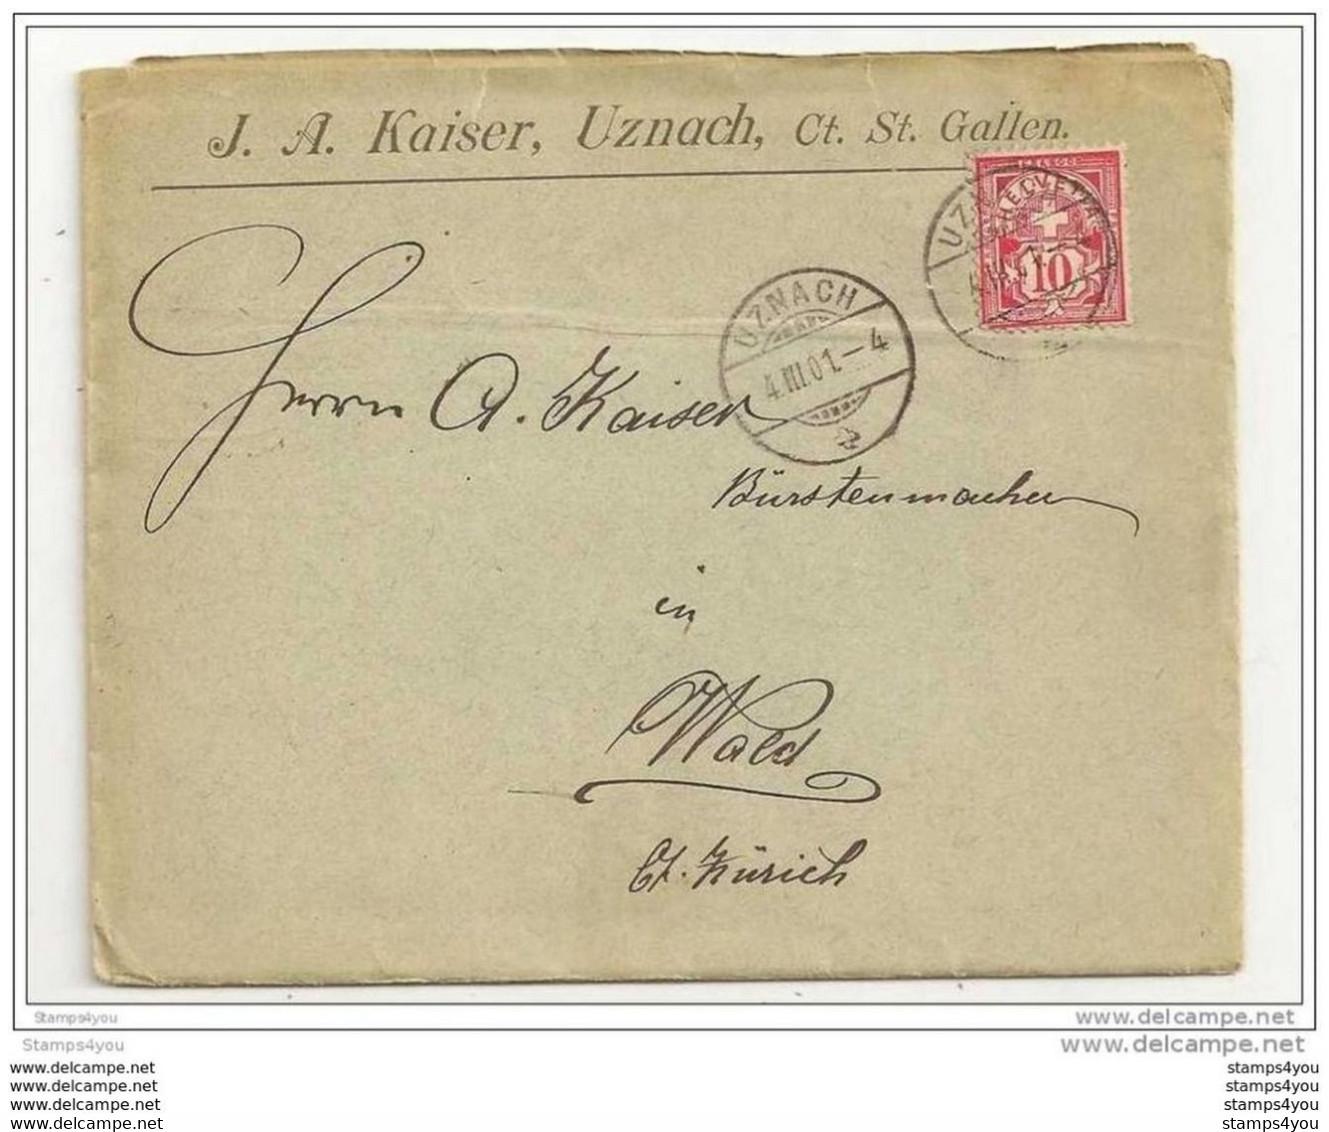 51 - 67 - Enveloppe Suisse Envoyée D'Uznach 1901 - Superbes Cachets à Date - Covers & Documents